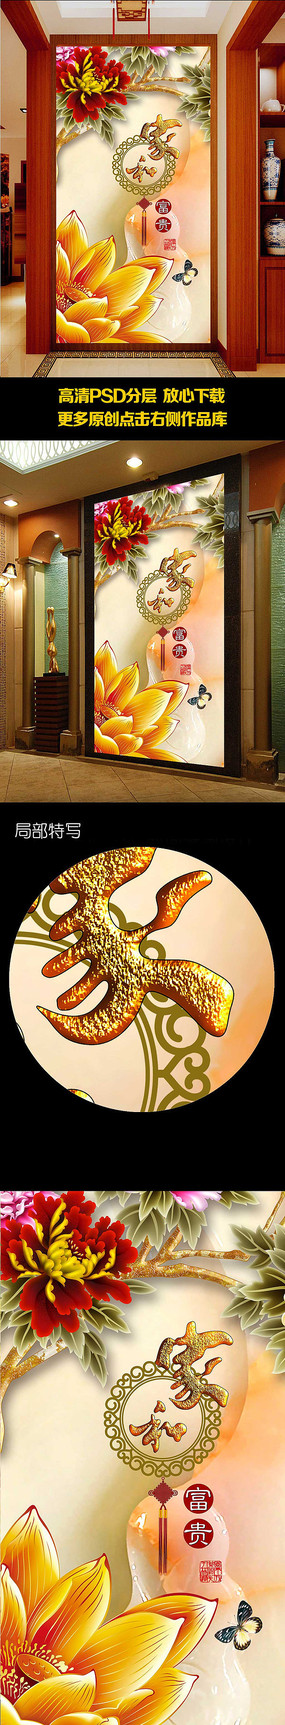 家和富贵蝶恋花玉雕背景墙